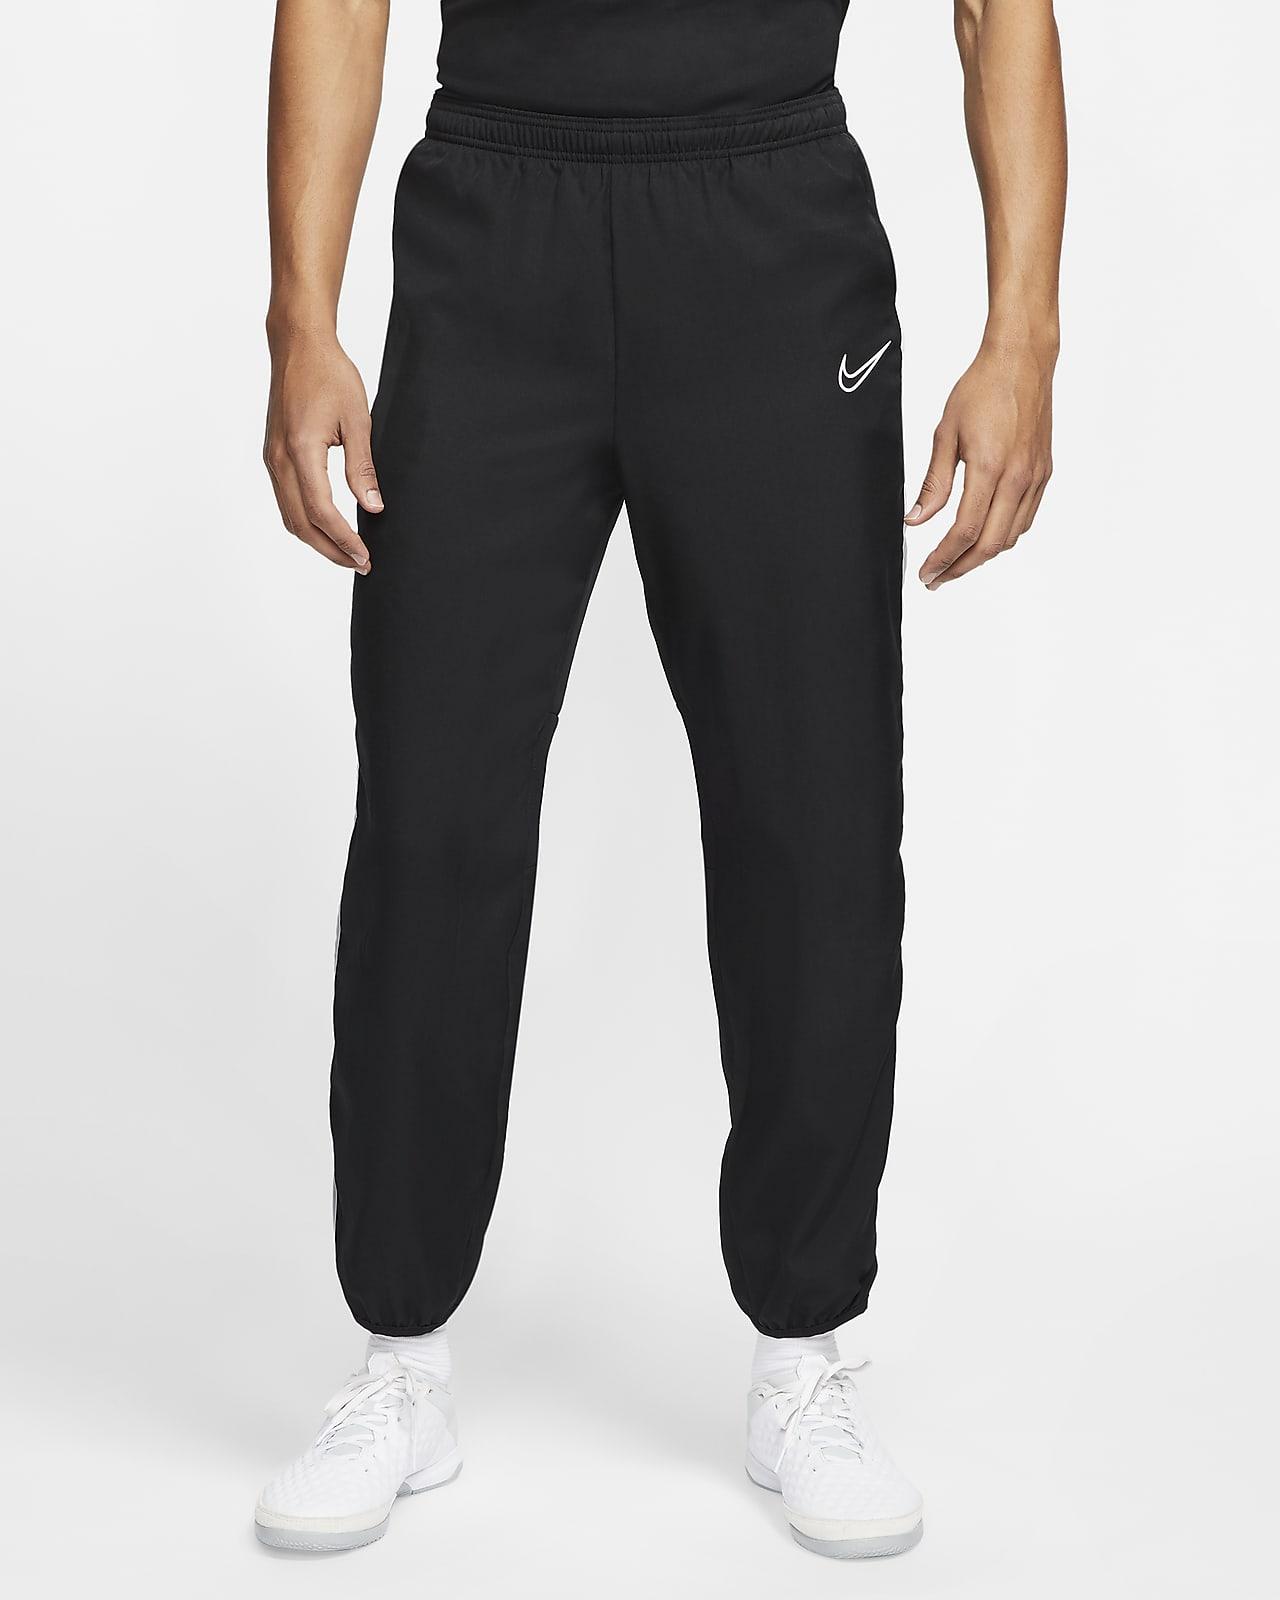 simpatía Serrado Librería  Pantalones de fútbol ajustables para hombre Nike Dri-FIT Academy. Nike.com